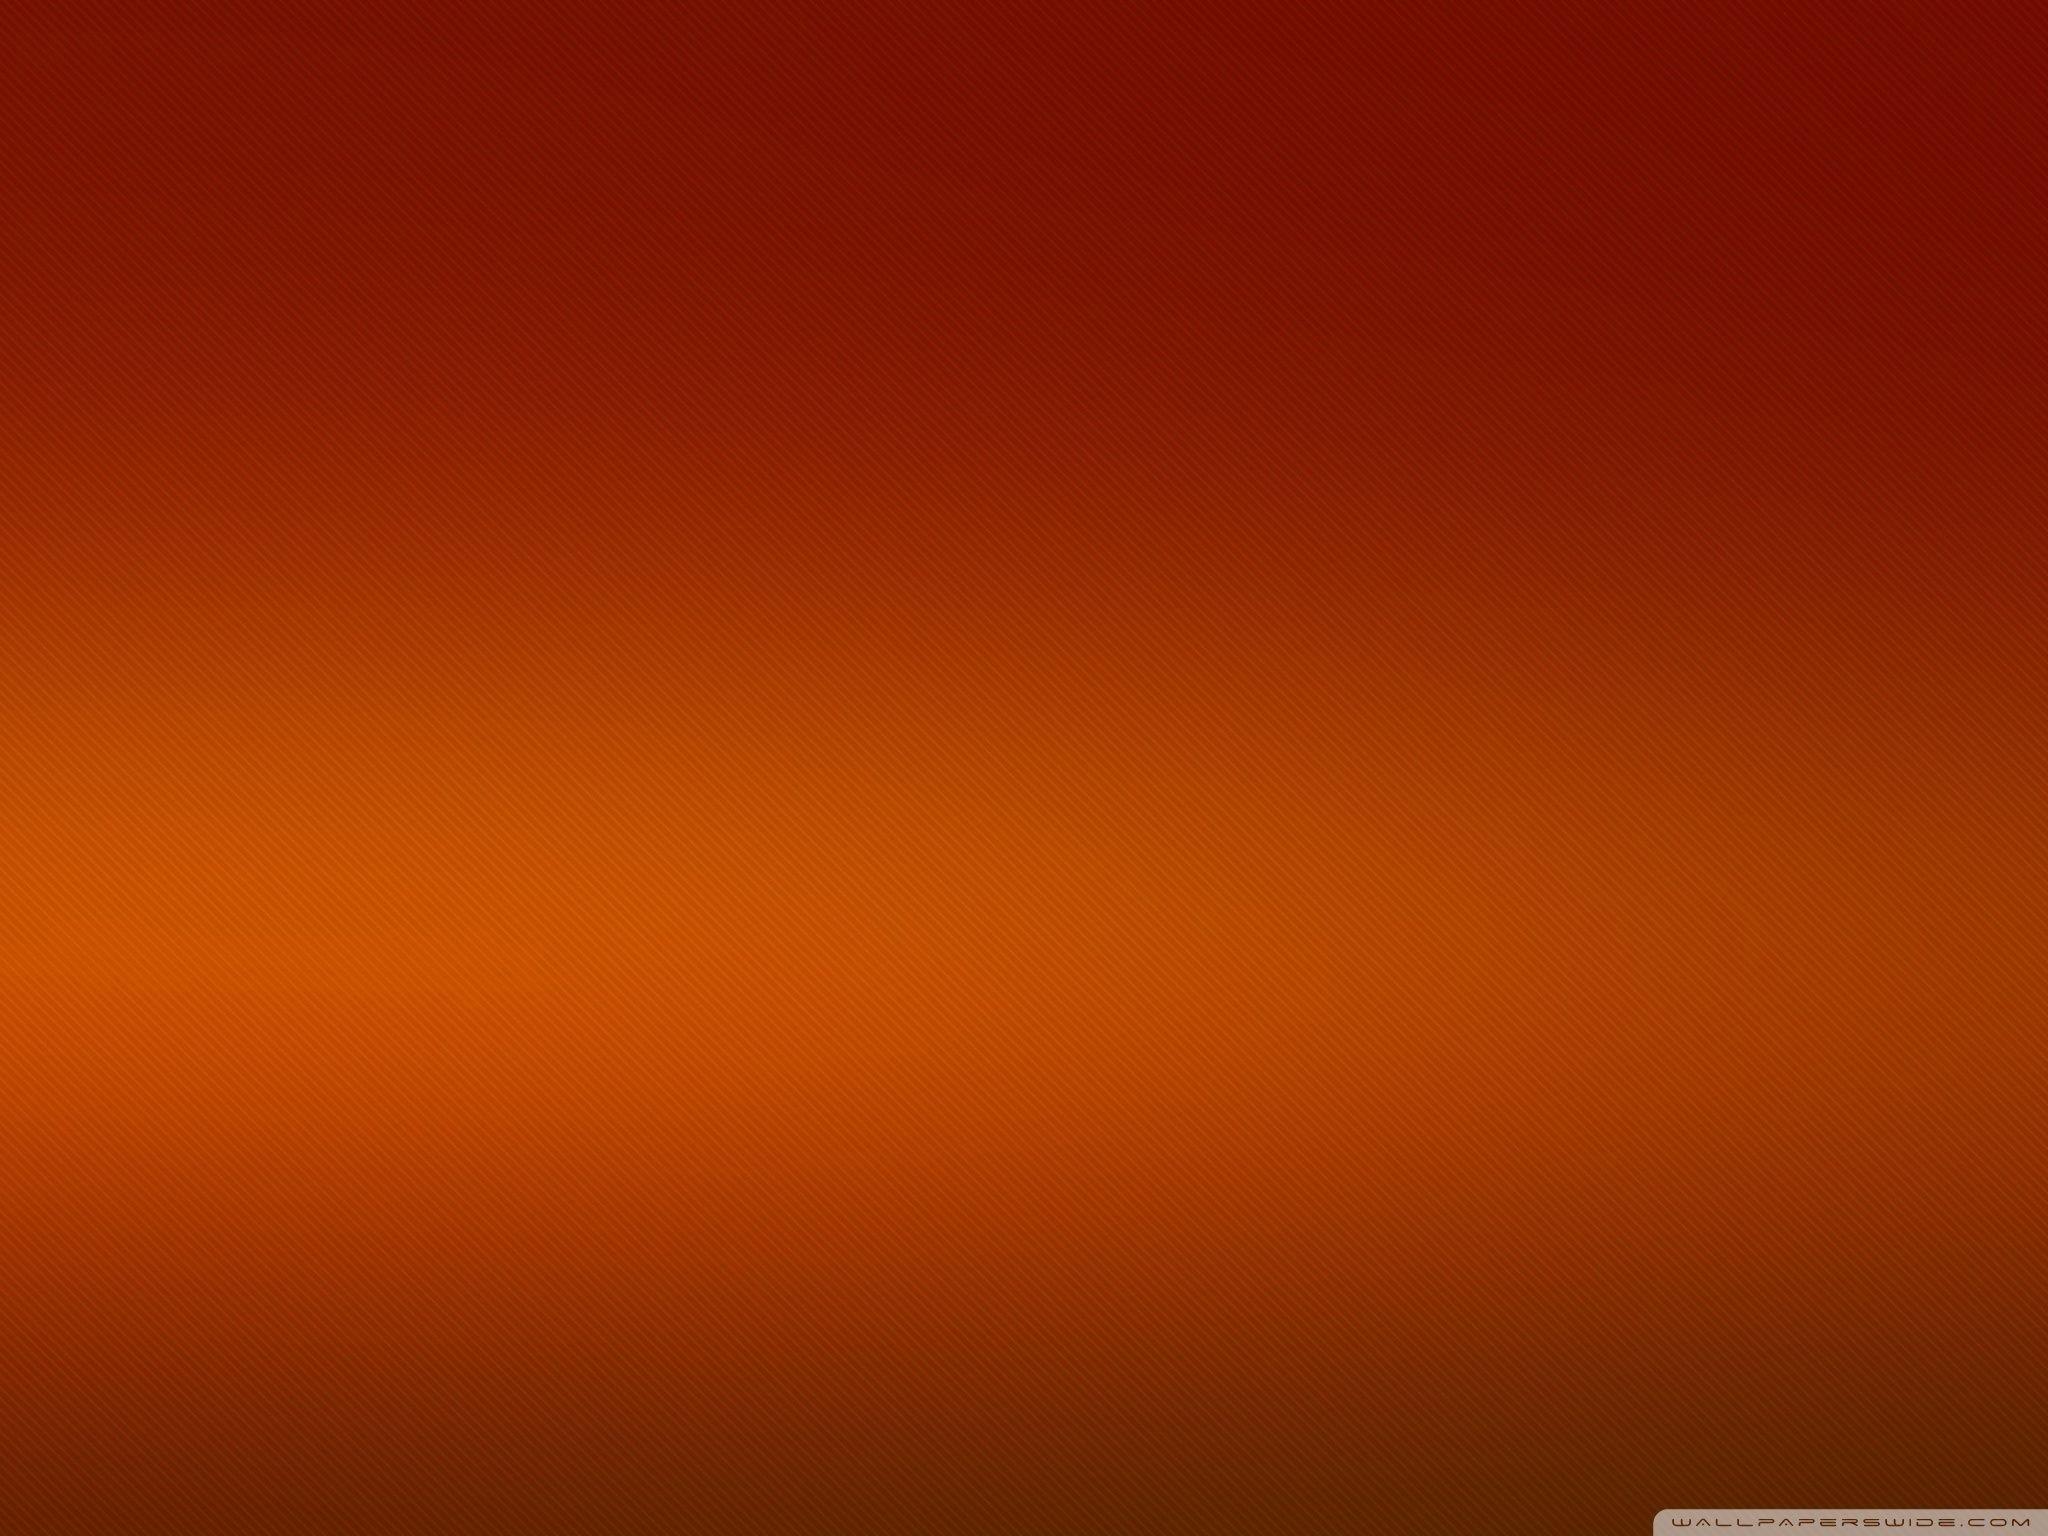 Orange Background Wallpaper 75 Images